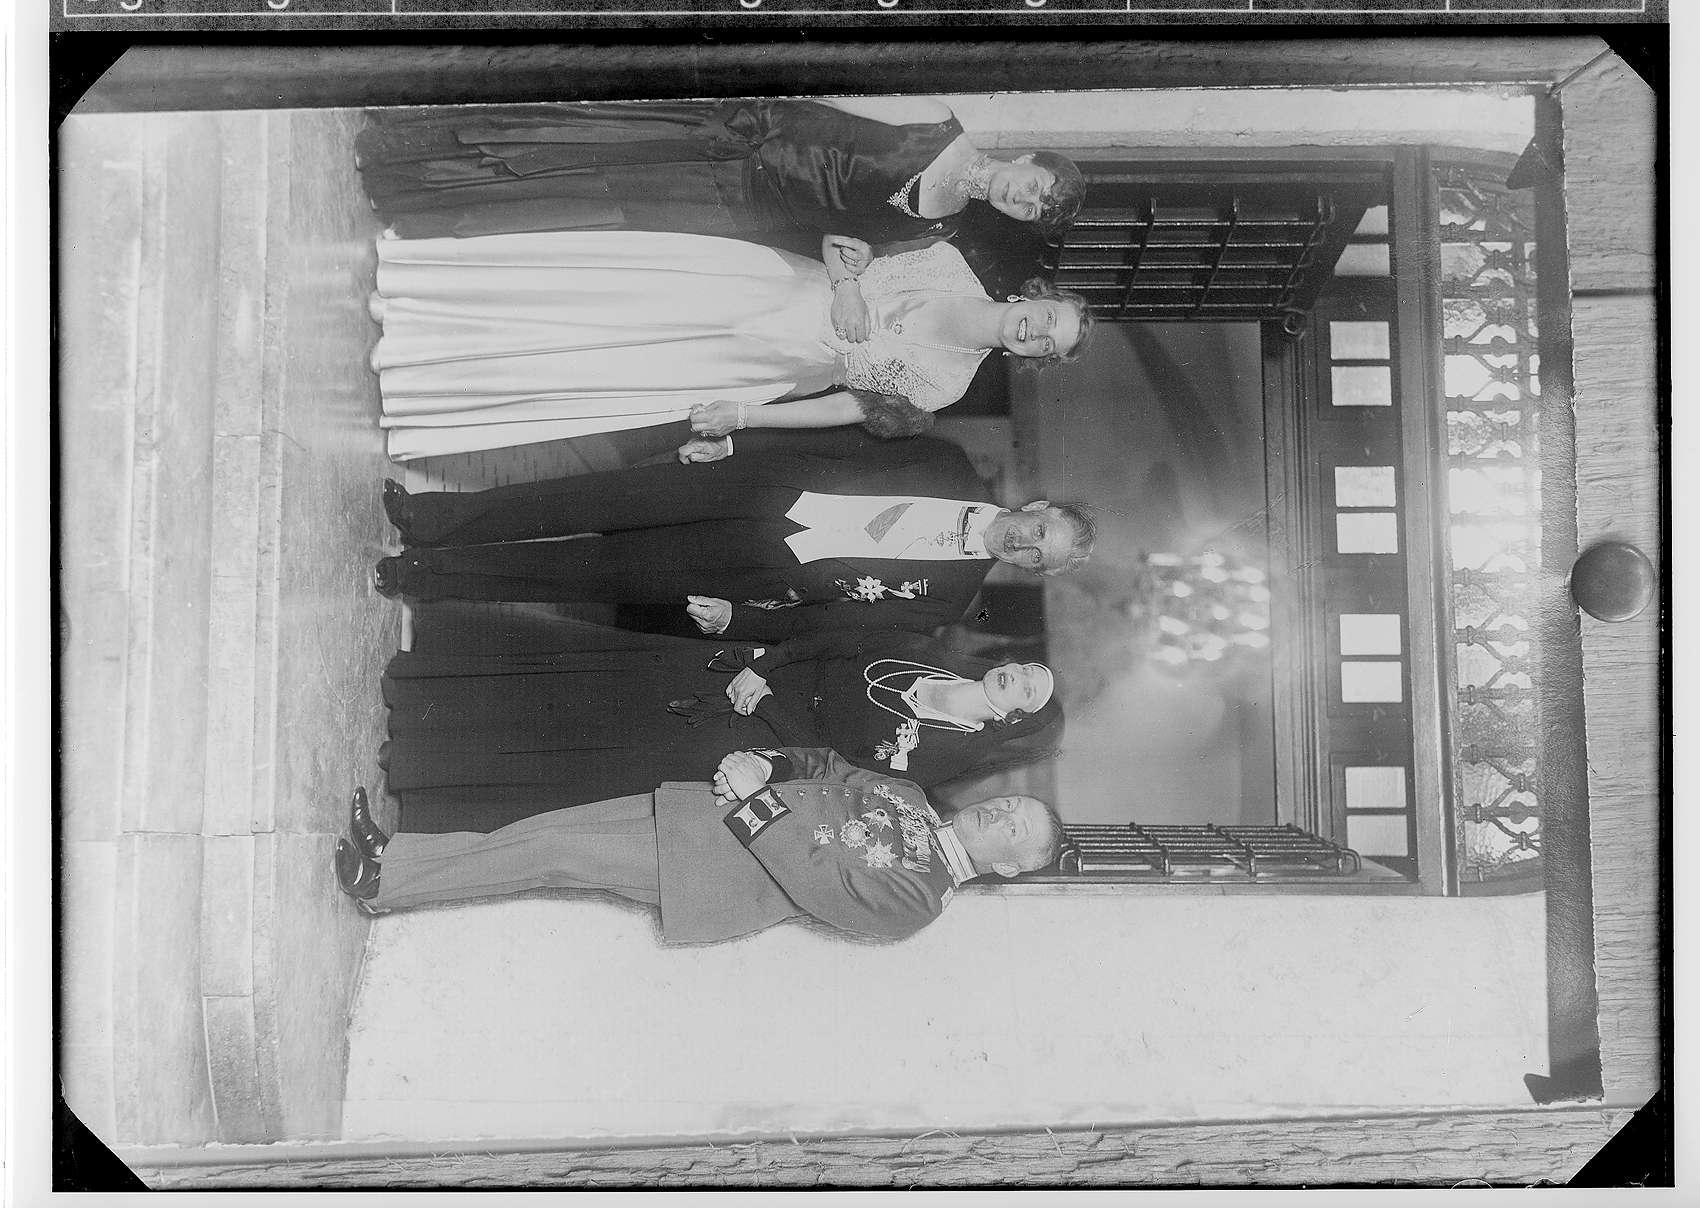 Besuch des ehemaligen Reichskanzlers und Vizekanzlers Franz von Papen in Sigmaringen anlässlich des Geburtstags des Fürsten Friedrich von Hohenzollern, 30. August 1933; von links nach rechts: 1. Frau von Papen; 2. Fürstin Margarete; 3. Franz von Papen; 4. Königin Auguste Viktoria von Portugal; 5. Fürst Friedrich Viktor, Bild 1